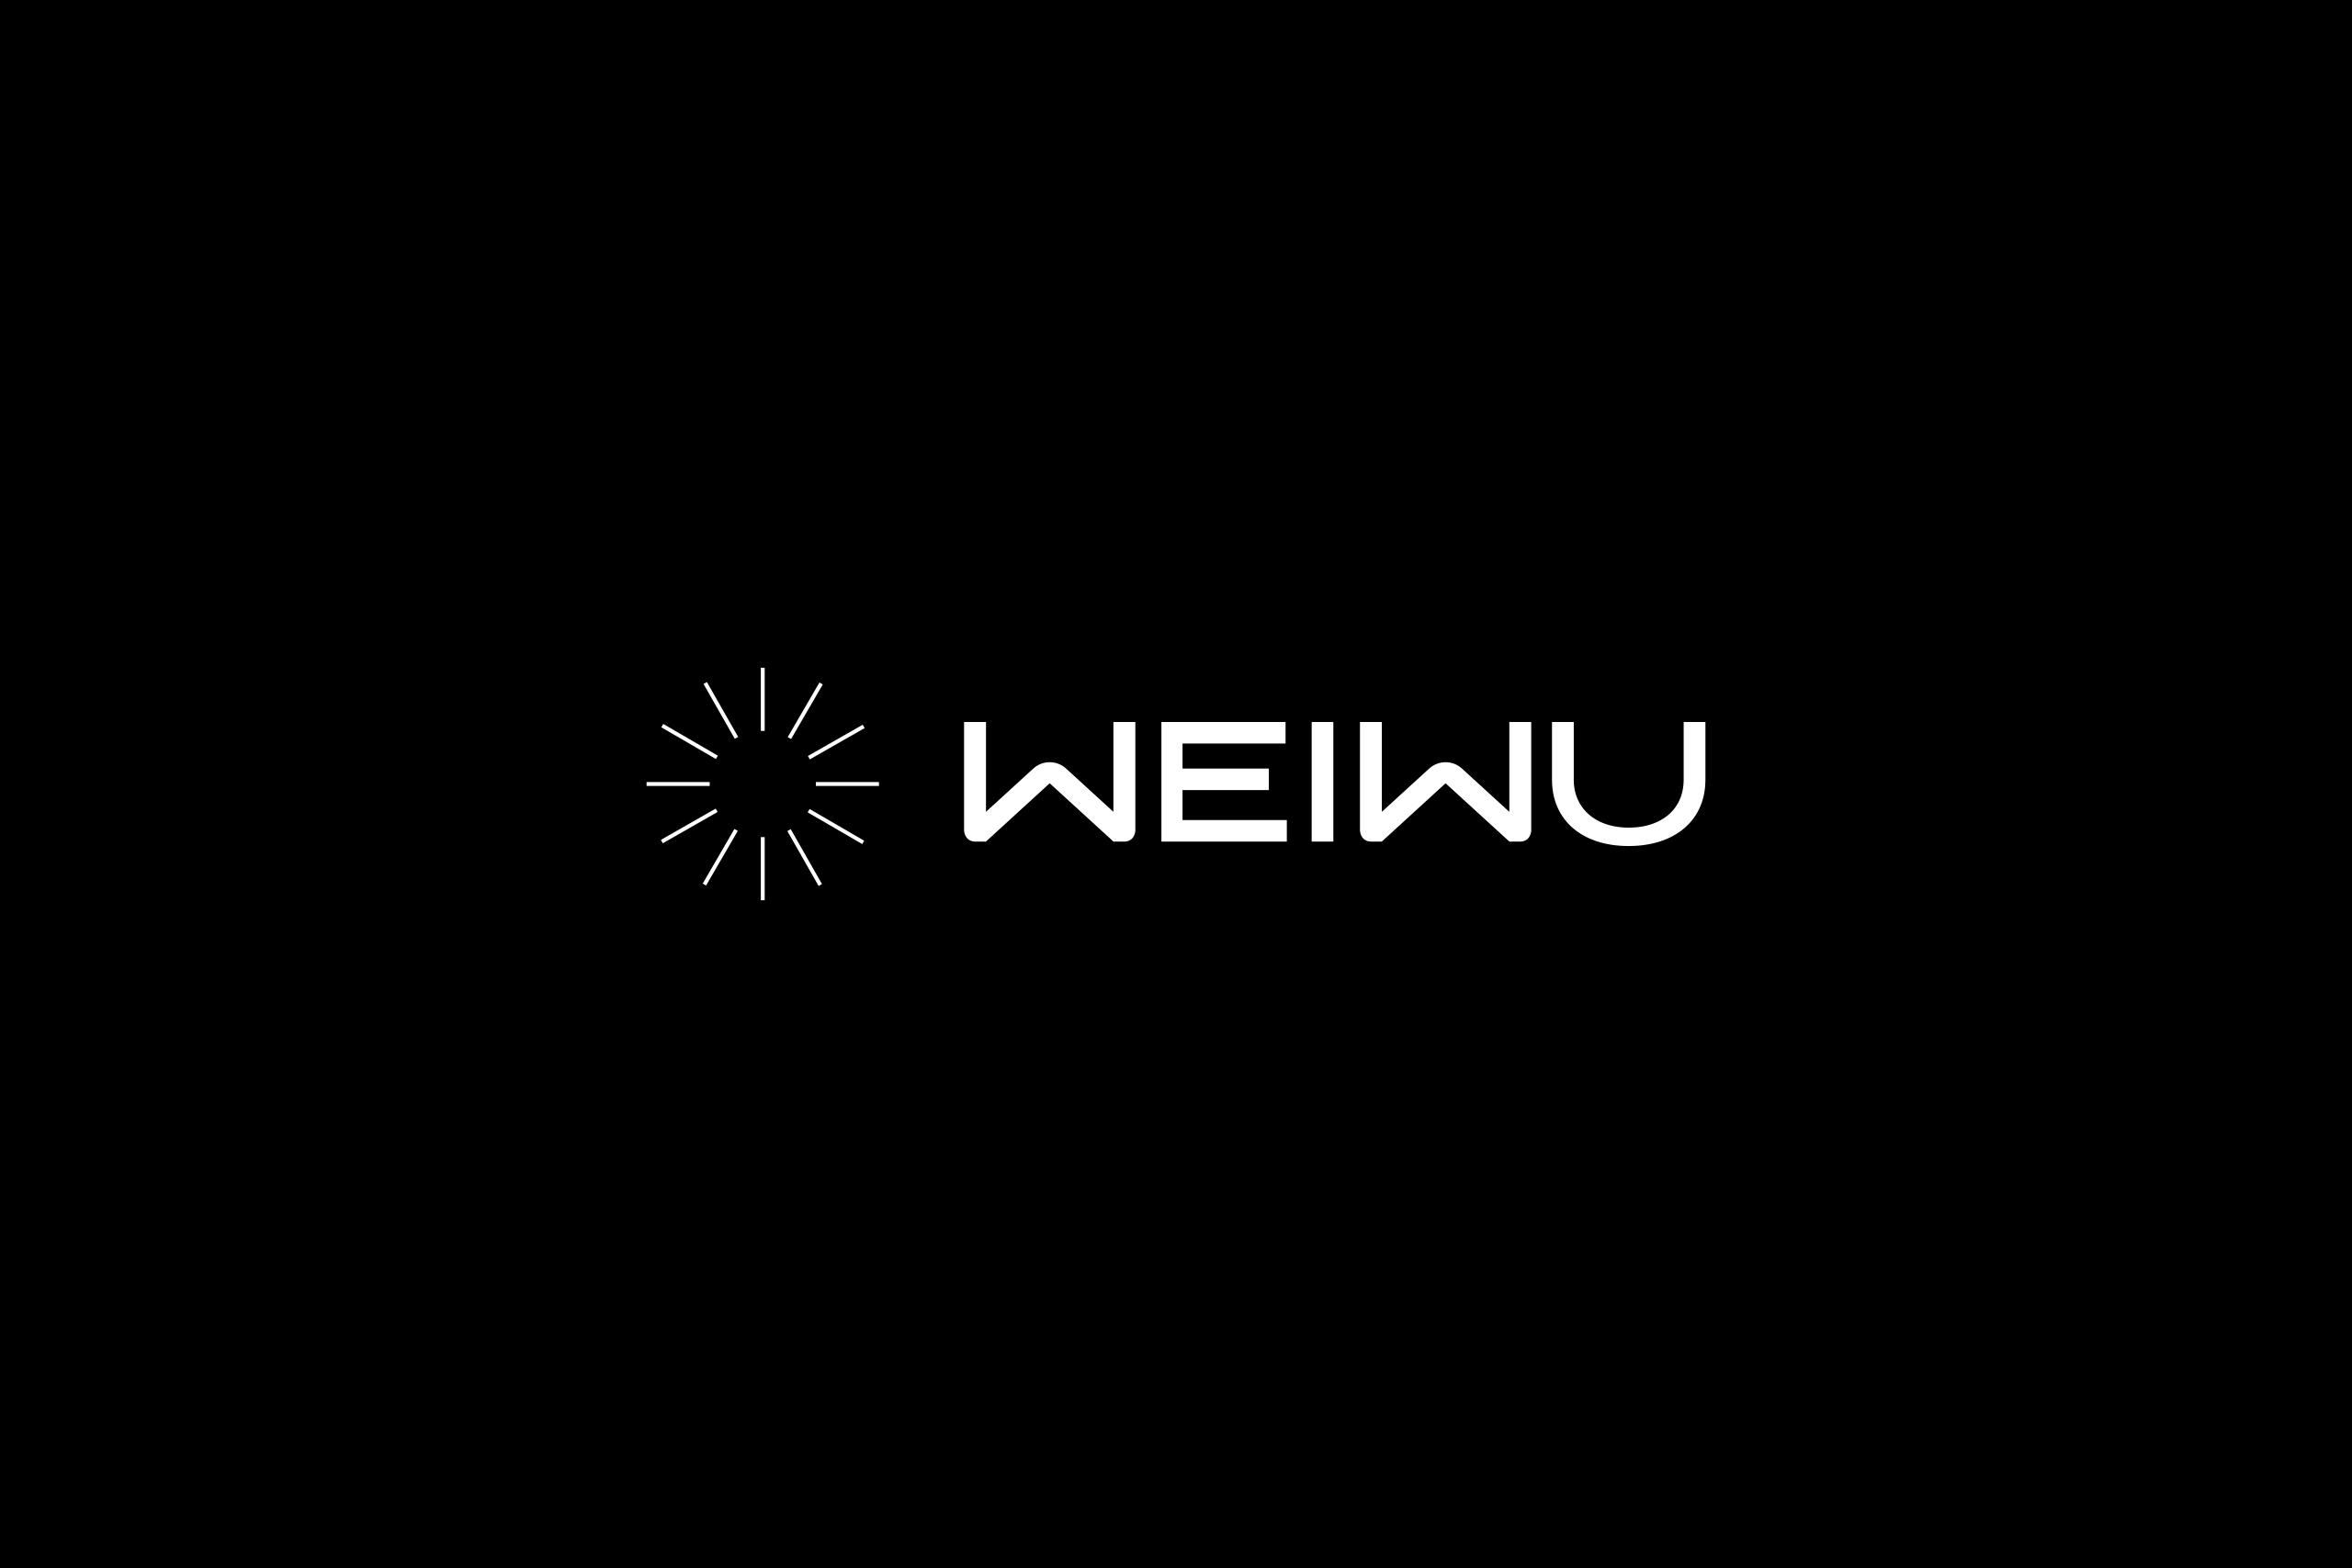 QIU_Weiwu_3